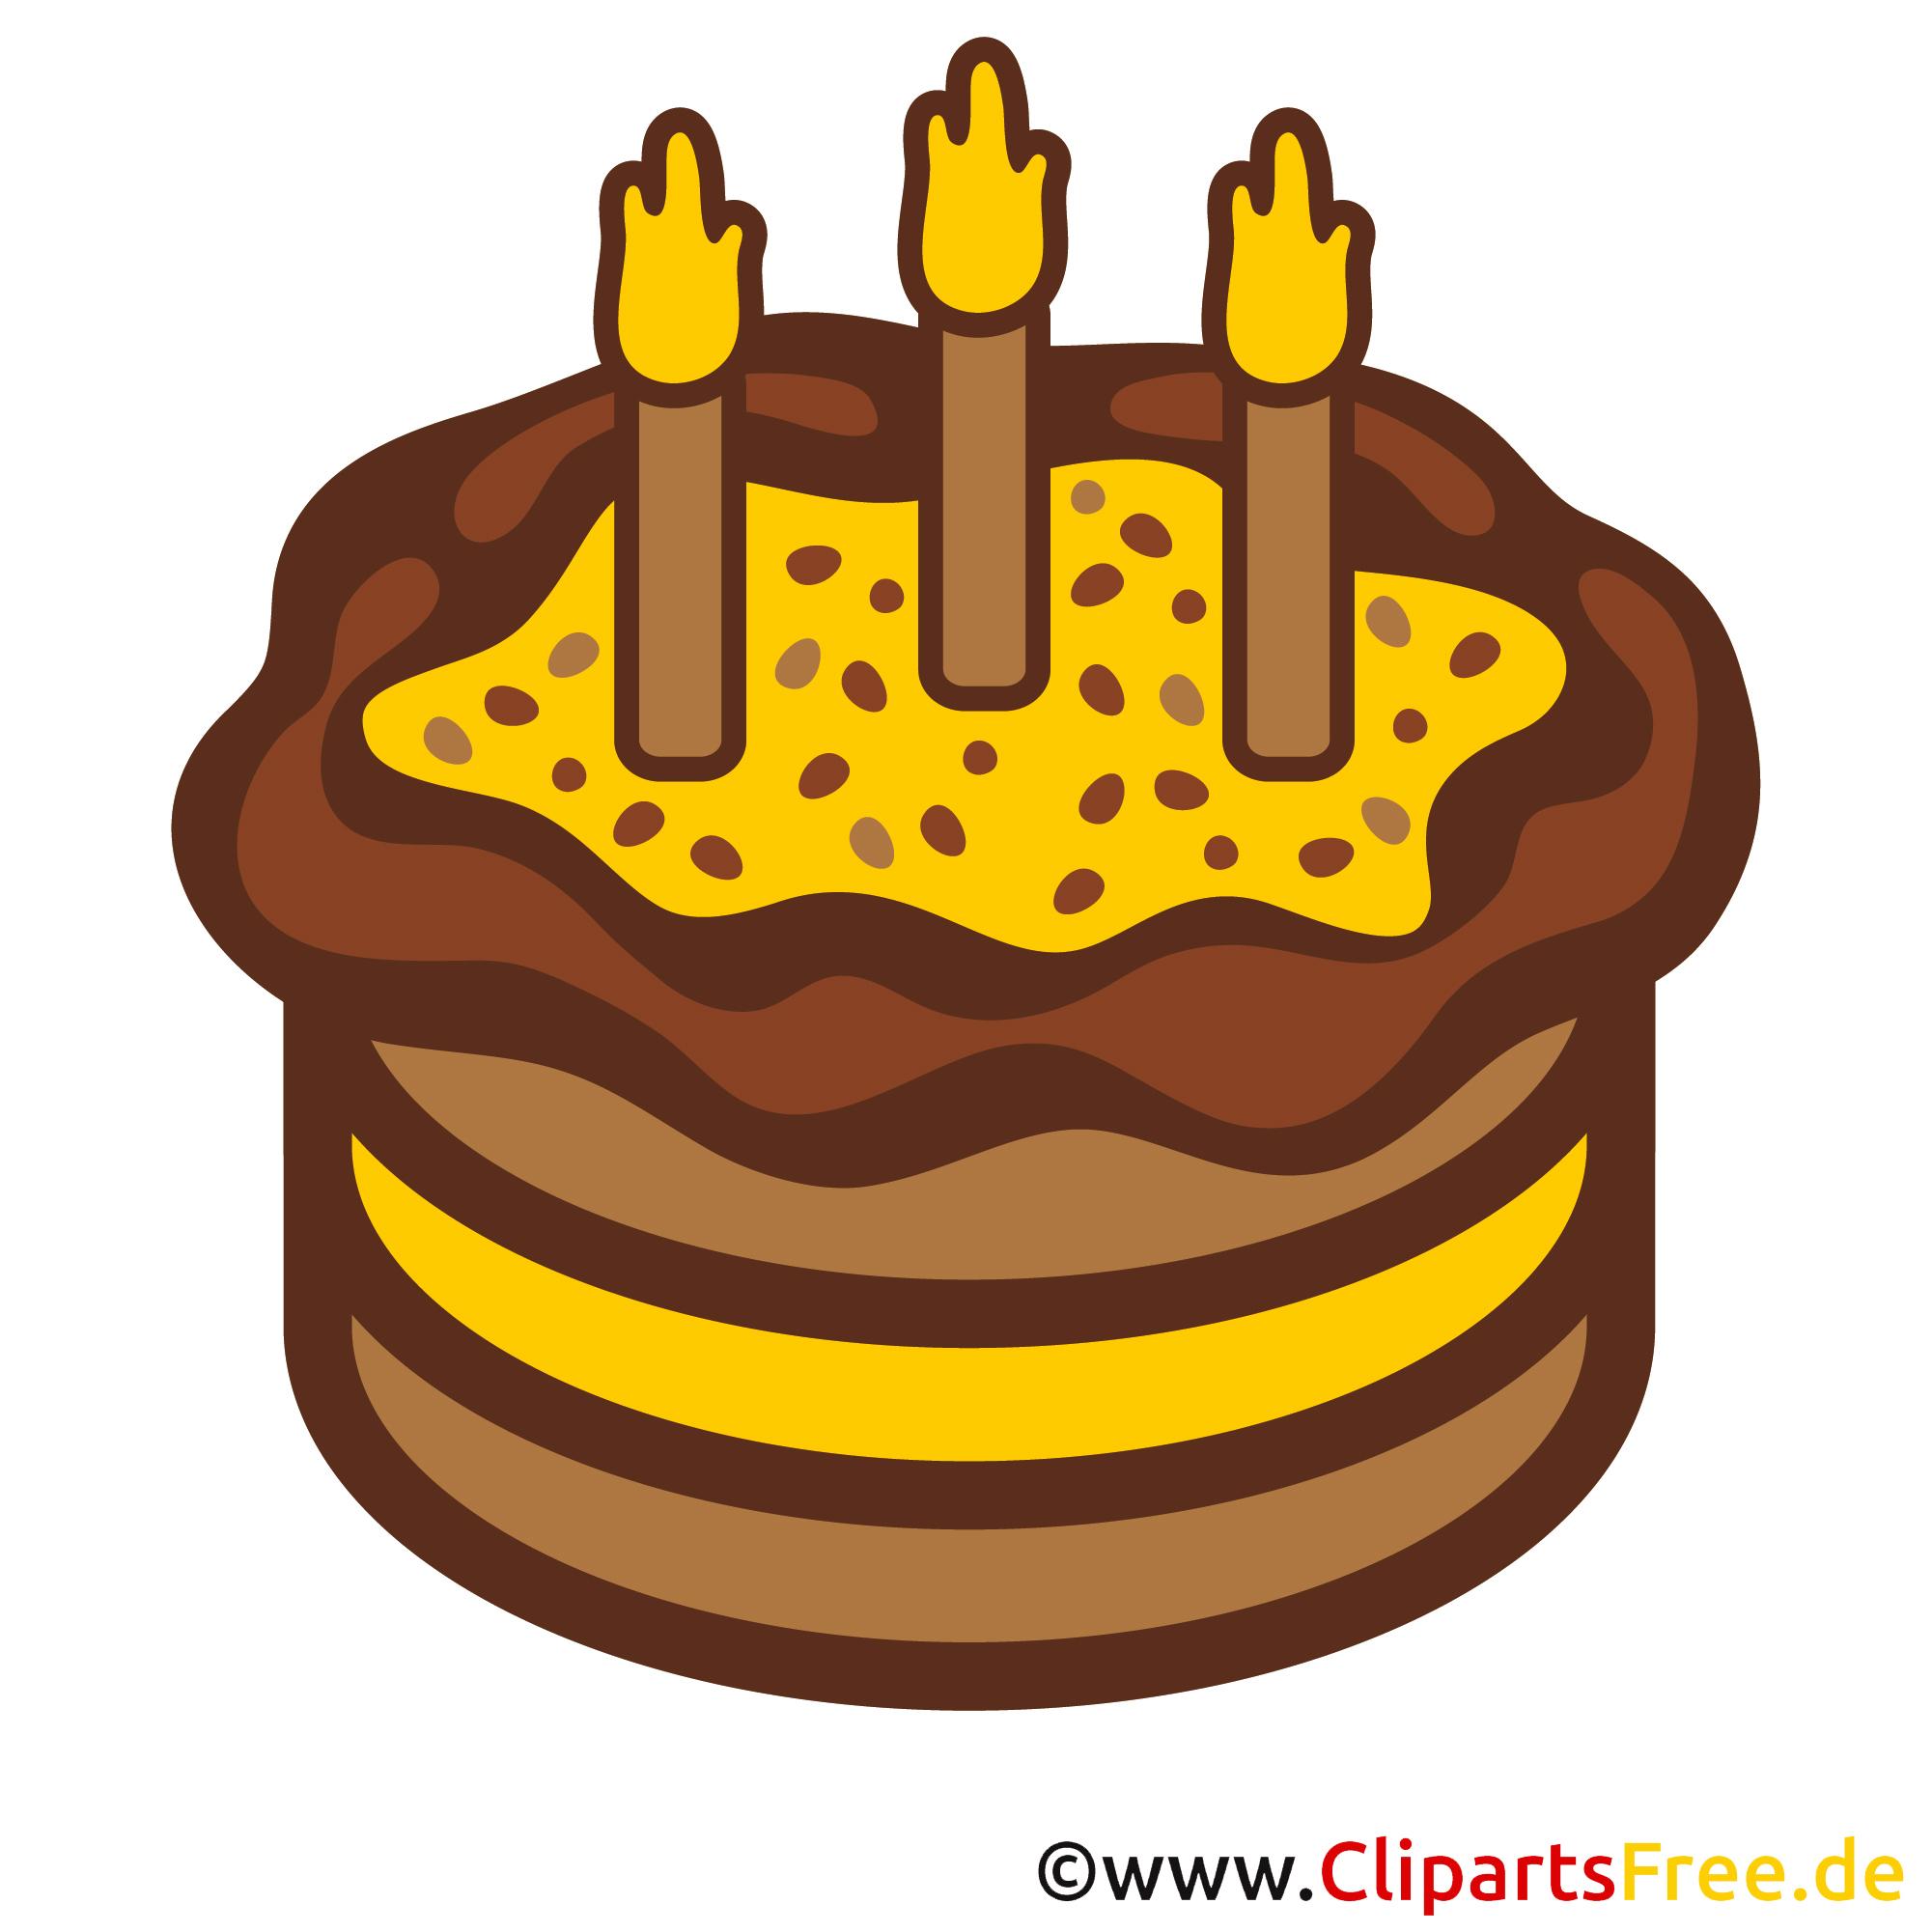 Clipart zum Geburtstag  Kuchen zum 3 Geburtstag